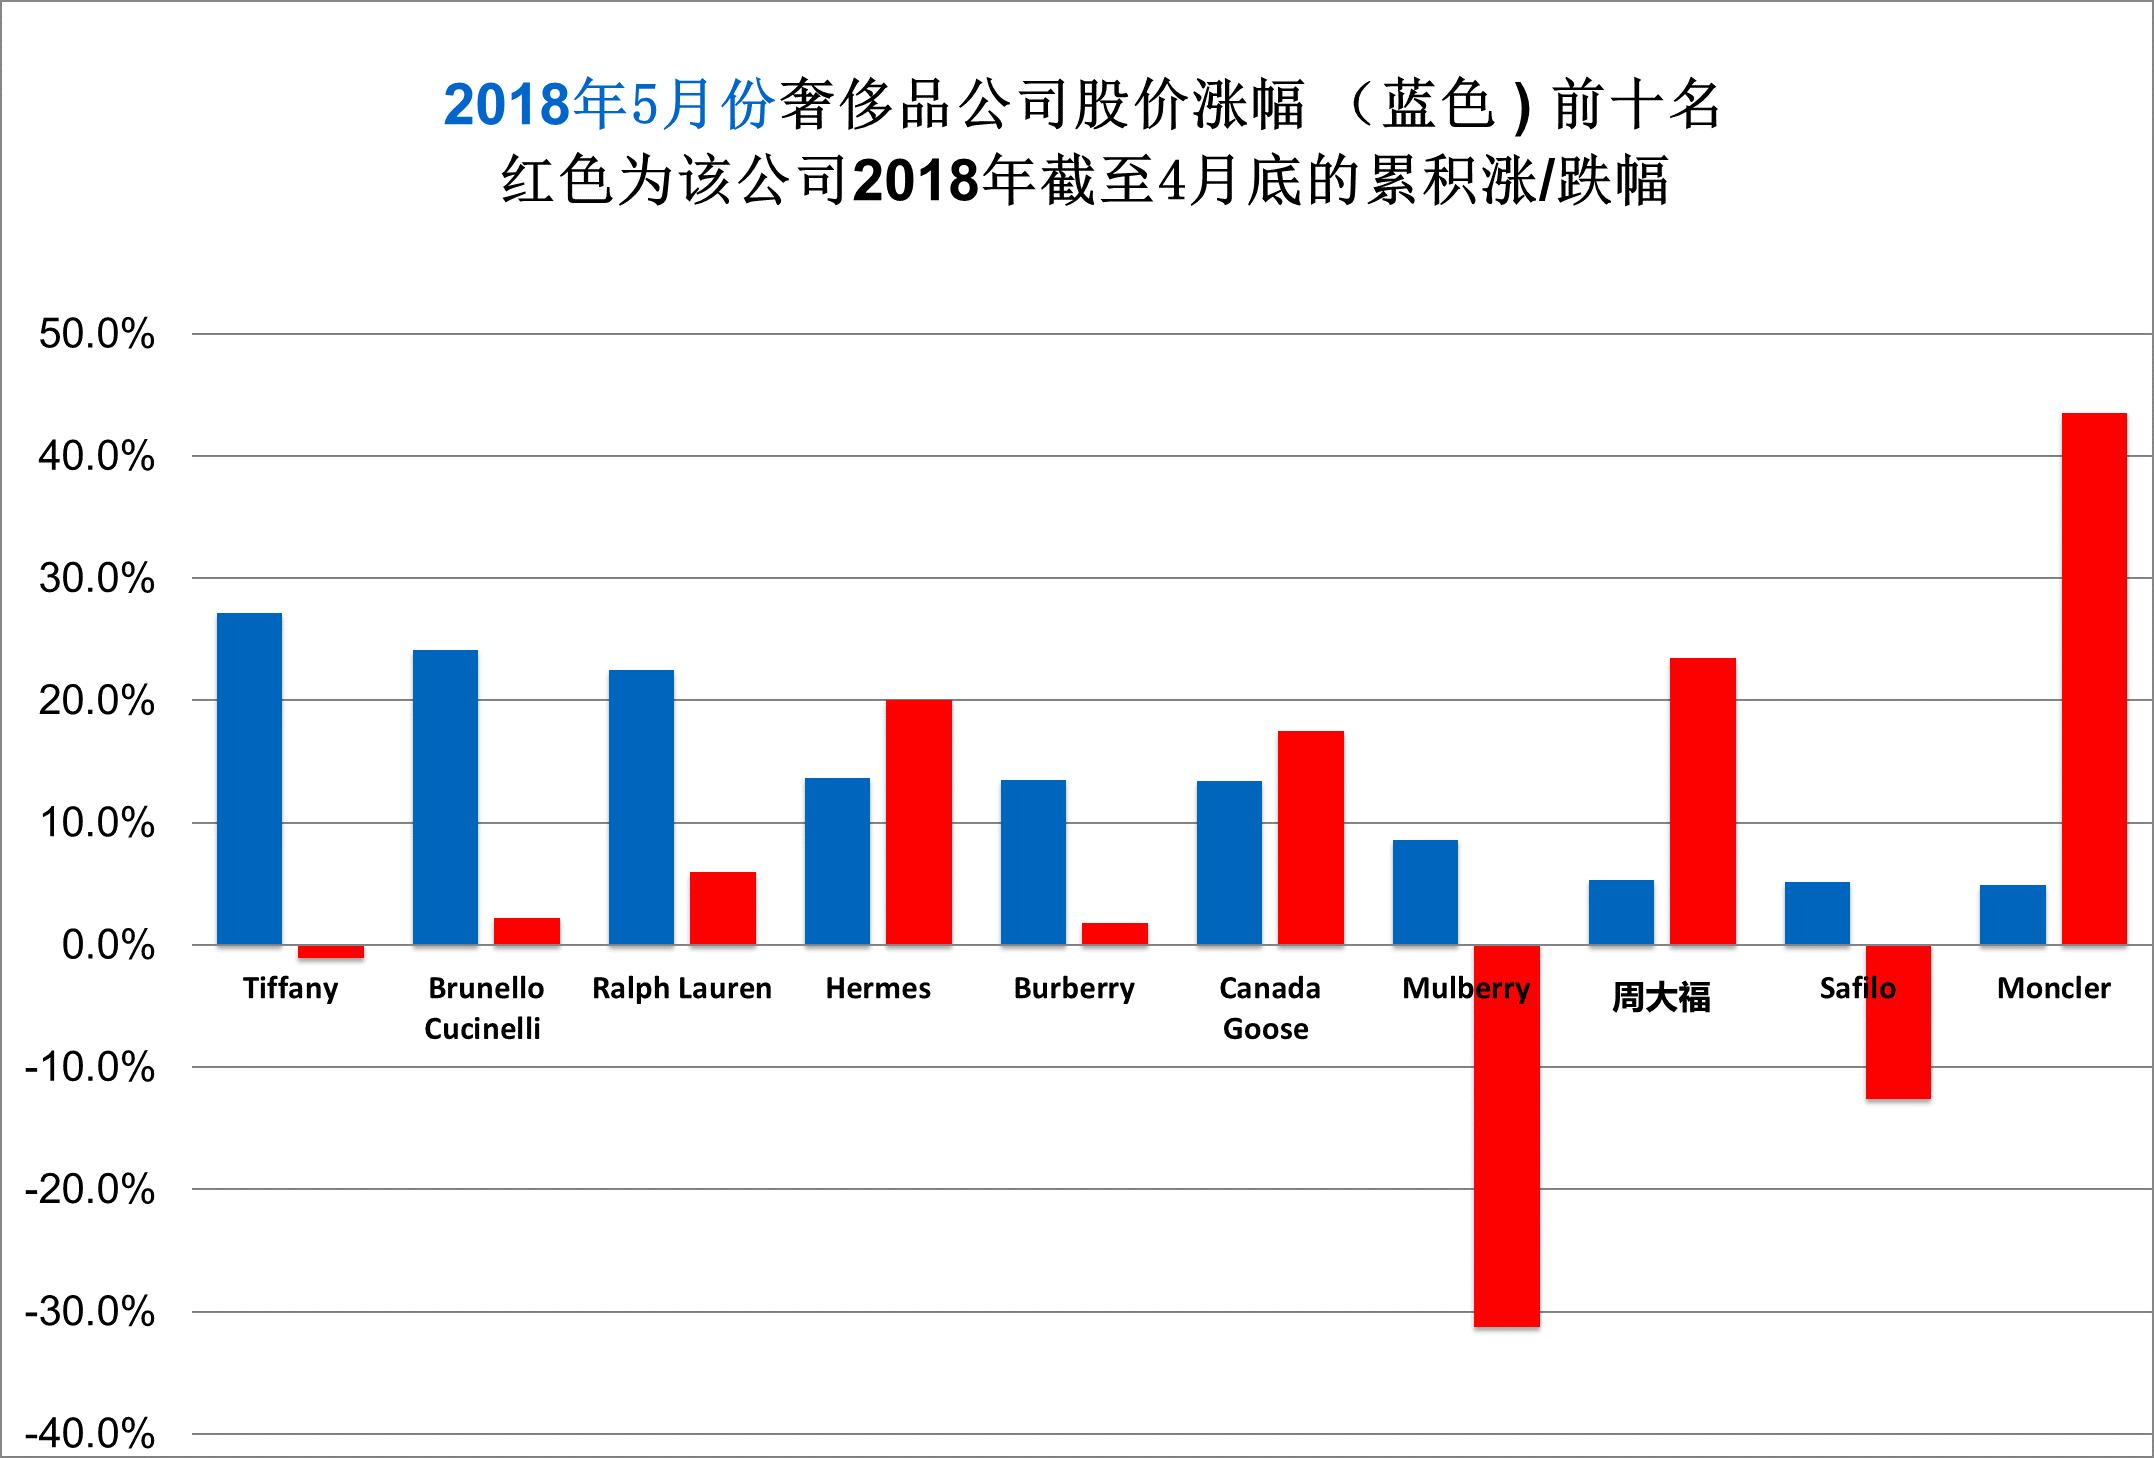 《华丽志》奢侈品股票月度排行榜(2018年5月)